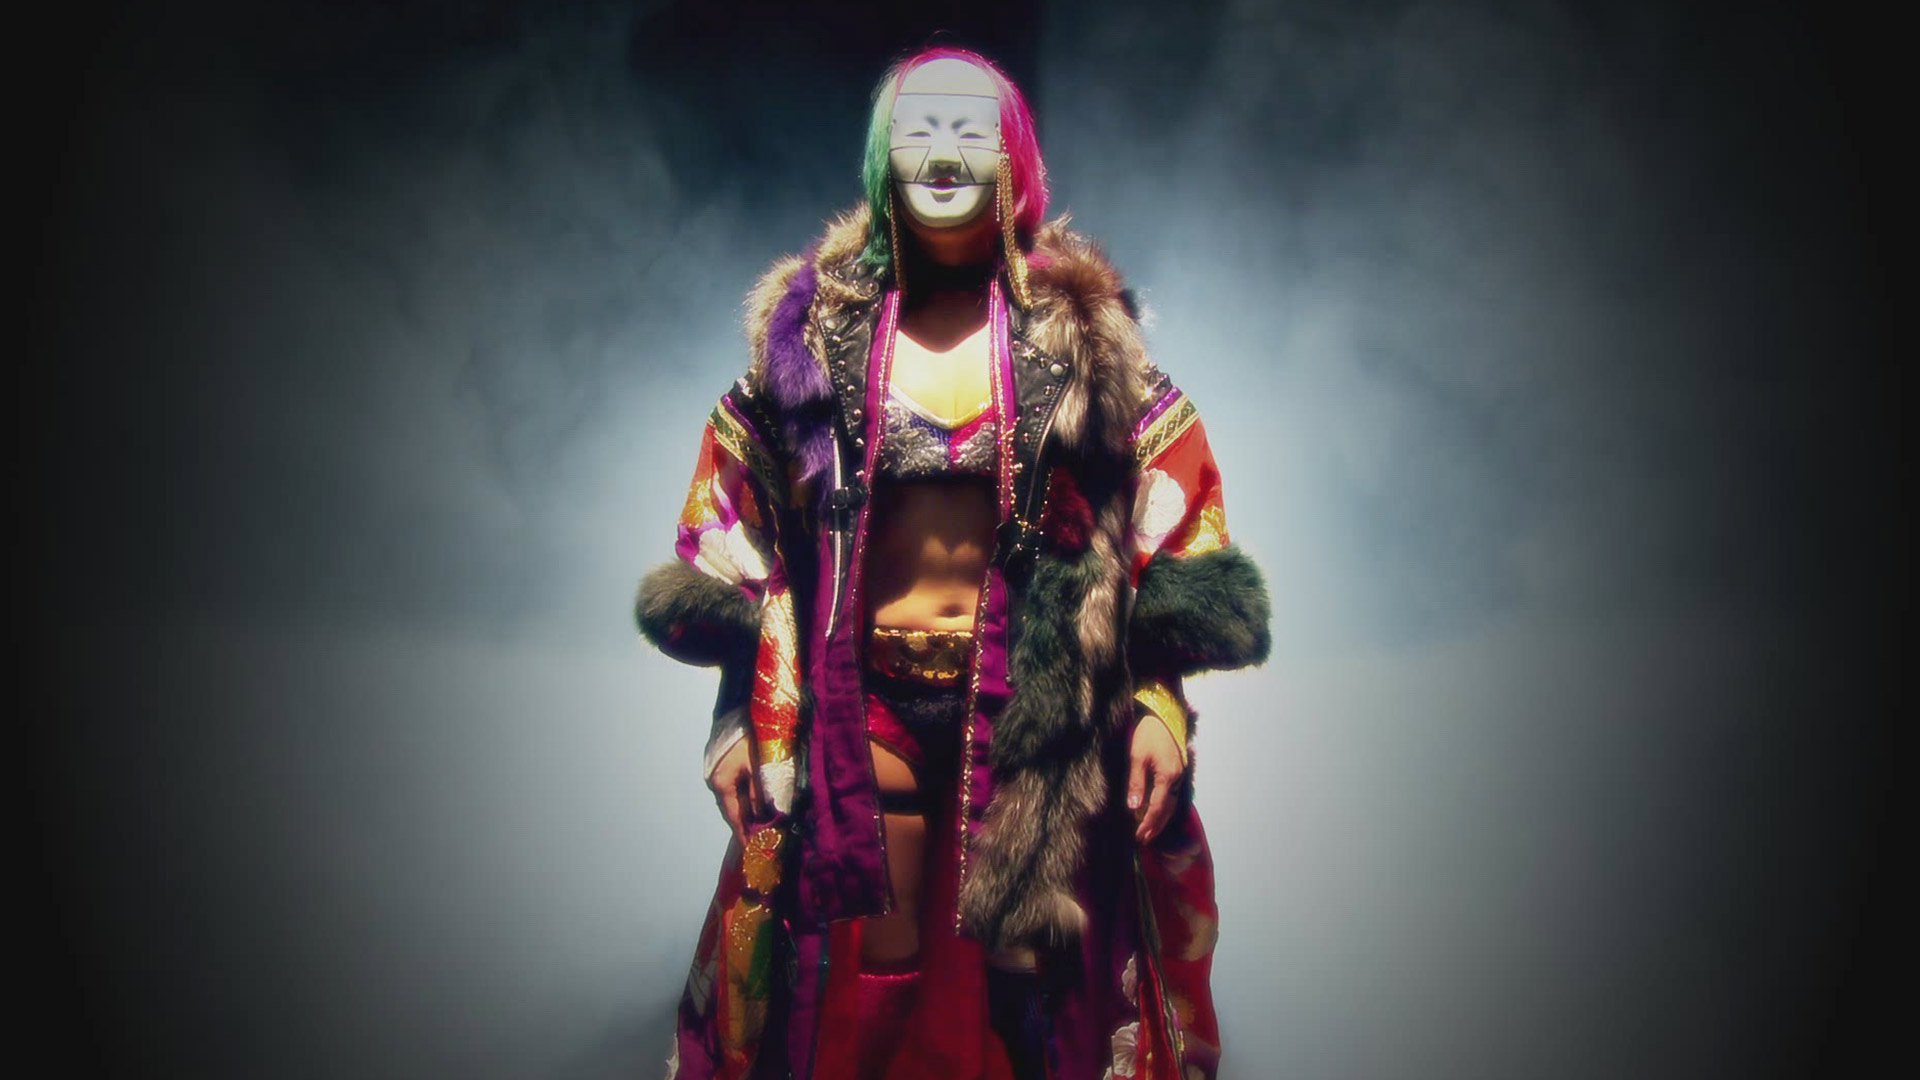 Se Mantendrá Asuka Invicta En El Equipo Rojo Raw Oct 9 2017